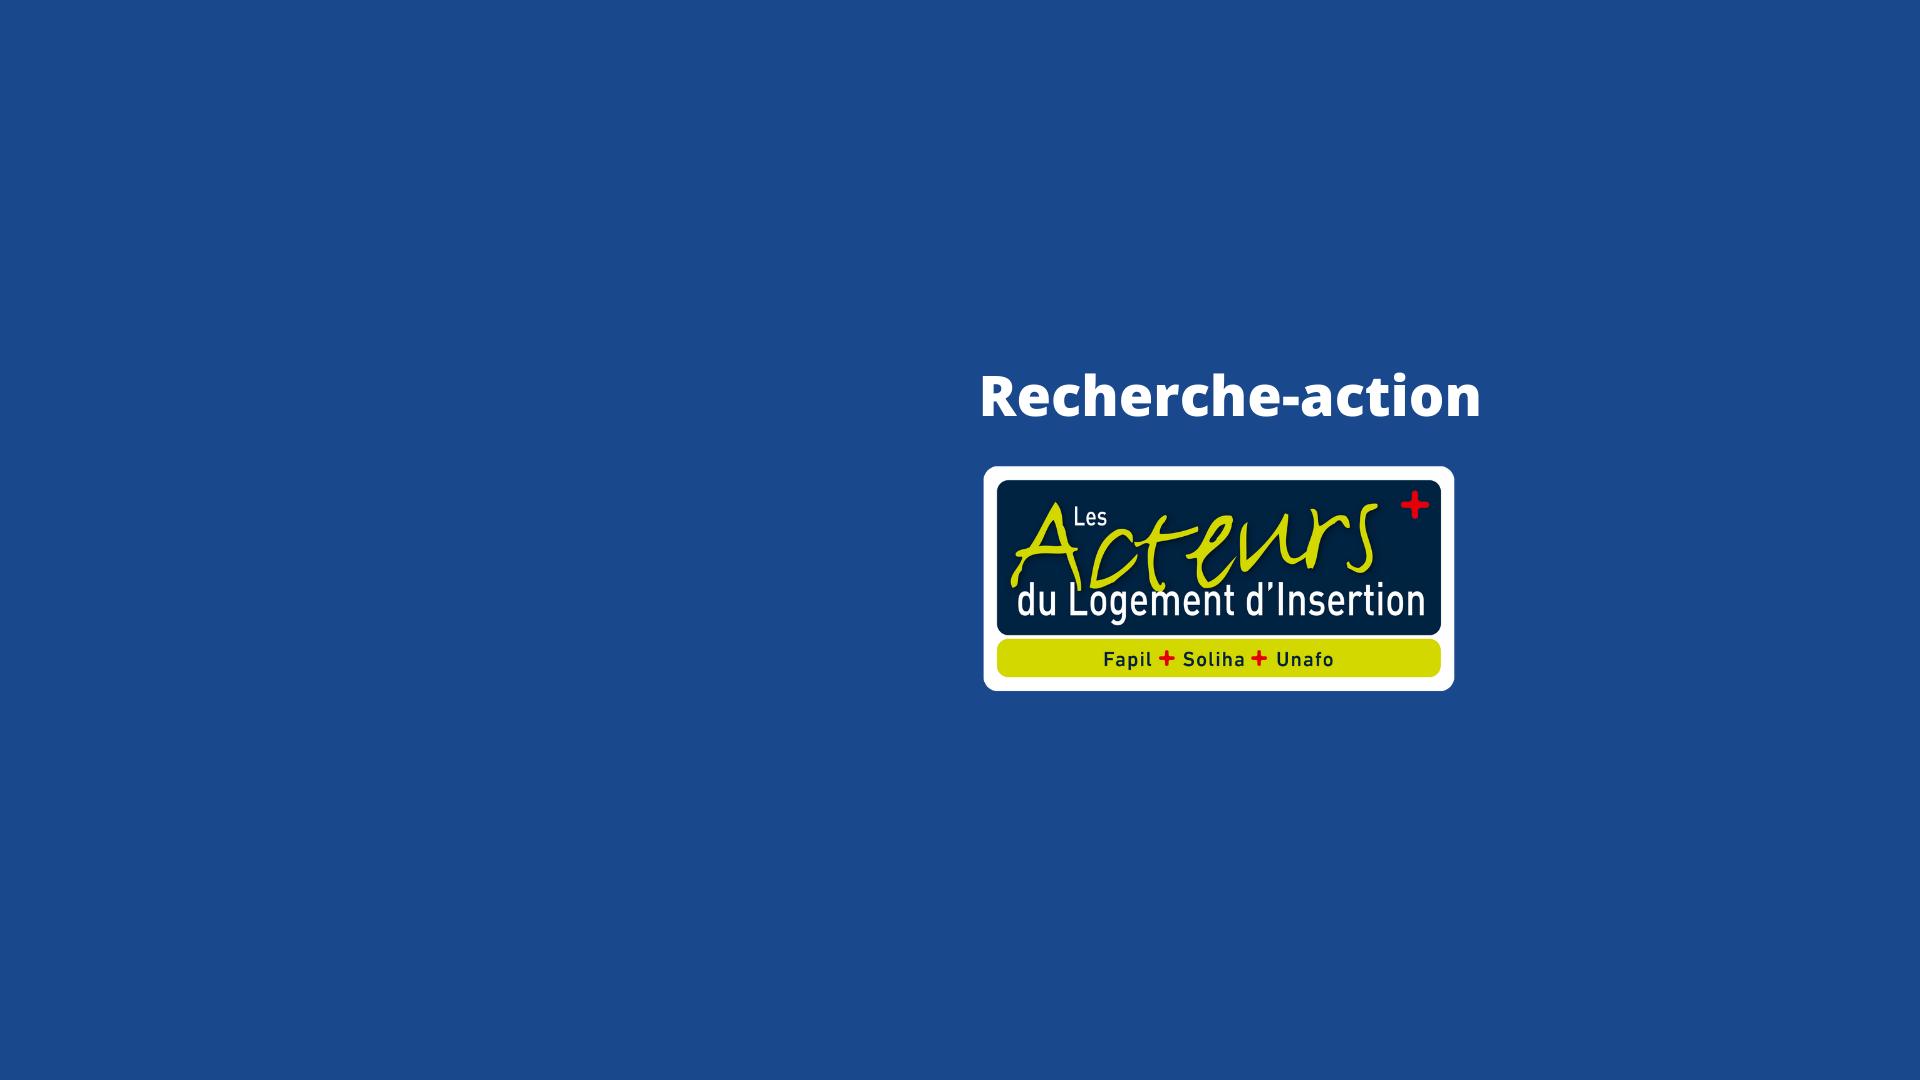 Recherche-action « La place du logement d'insertion dans les SIAO » : renforcer les liens pour loger davantage de personnes en difficulté